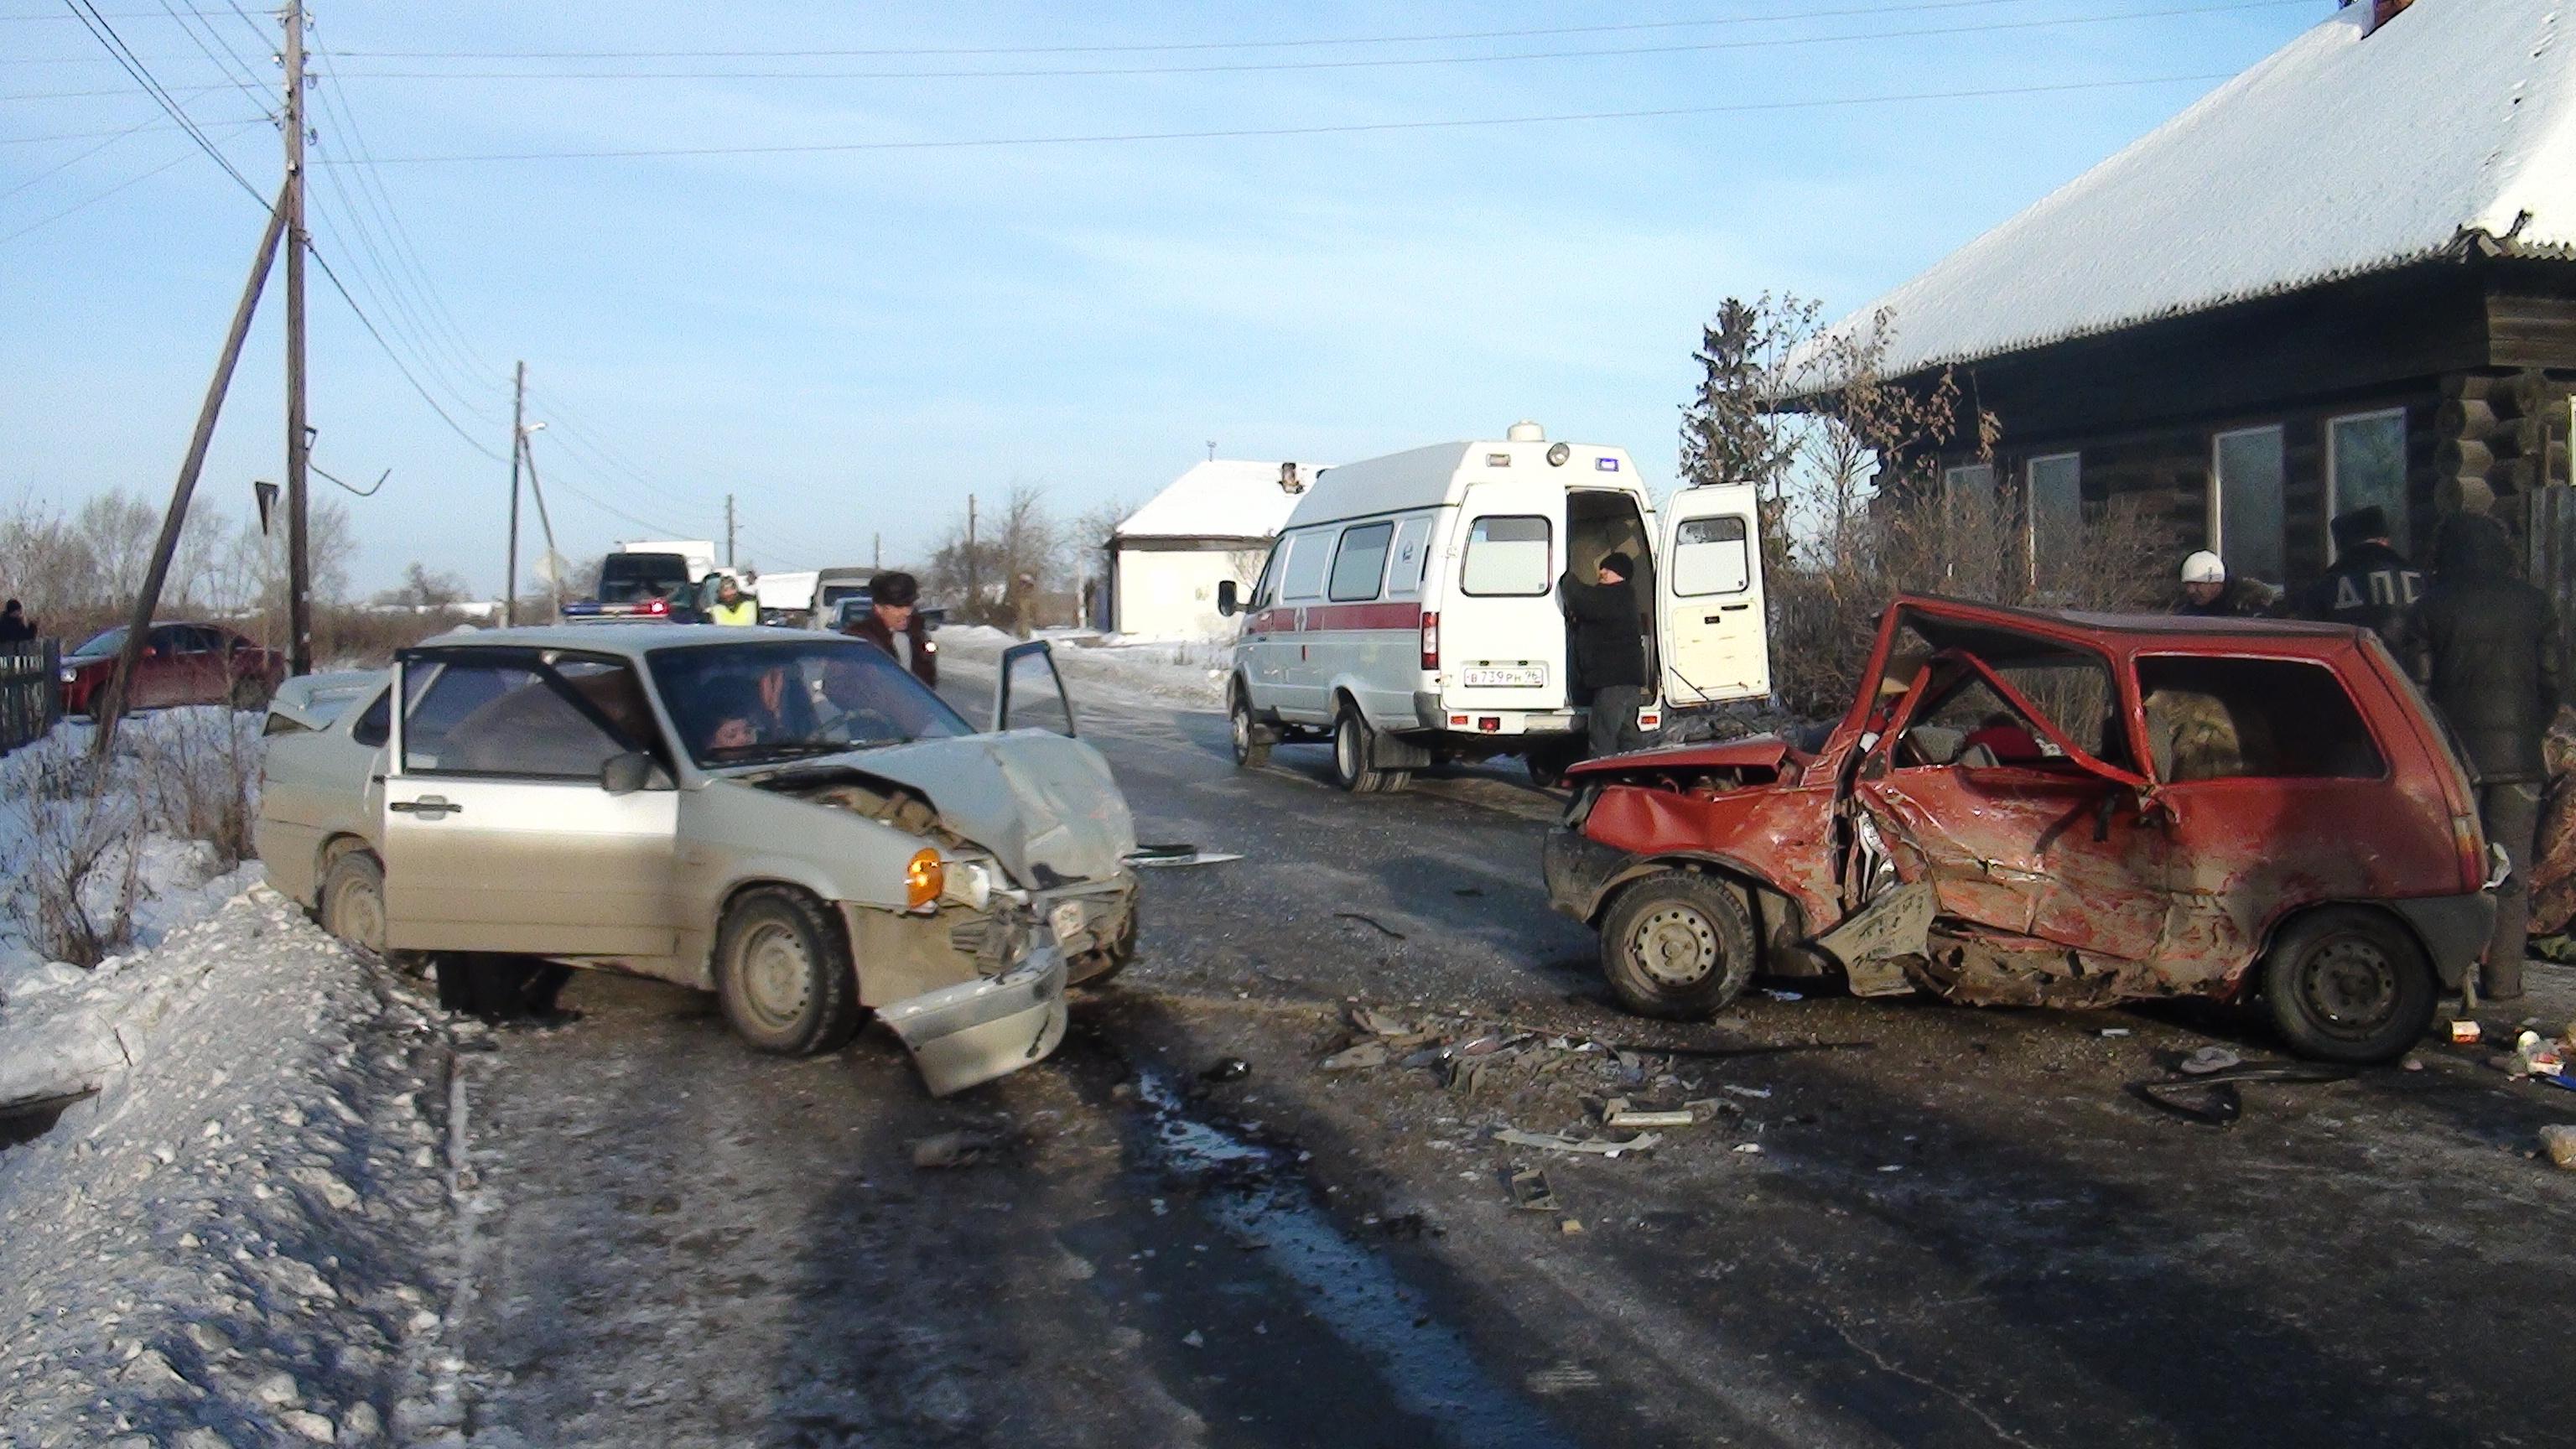 ВАртемовском шофёр «Оки» вылетел навстречку: трое отправлены вмедучереждение